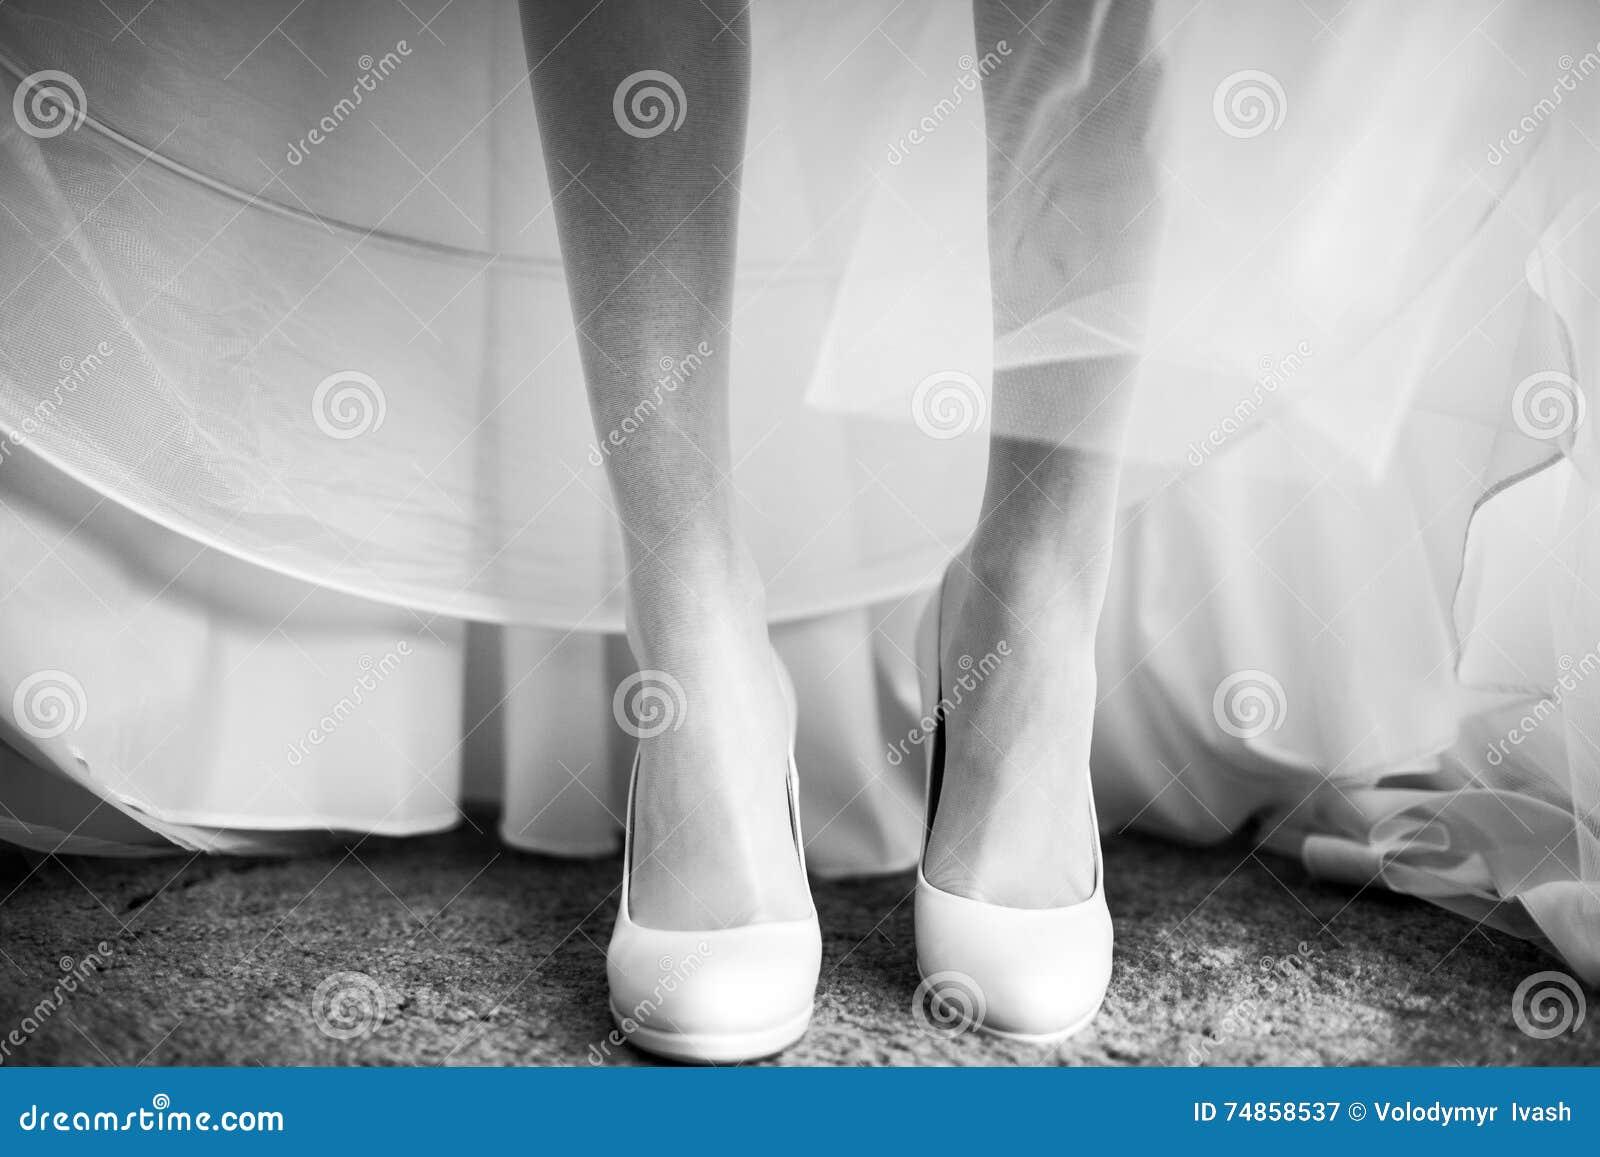 Gemütlich Weißen Schuhe Für Hochzeitskleid Galerie - Hochzeit Kleid ...